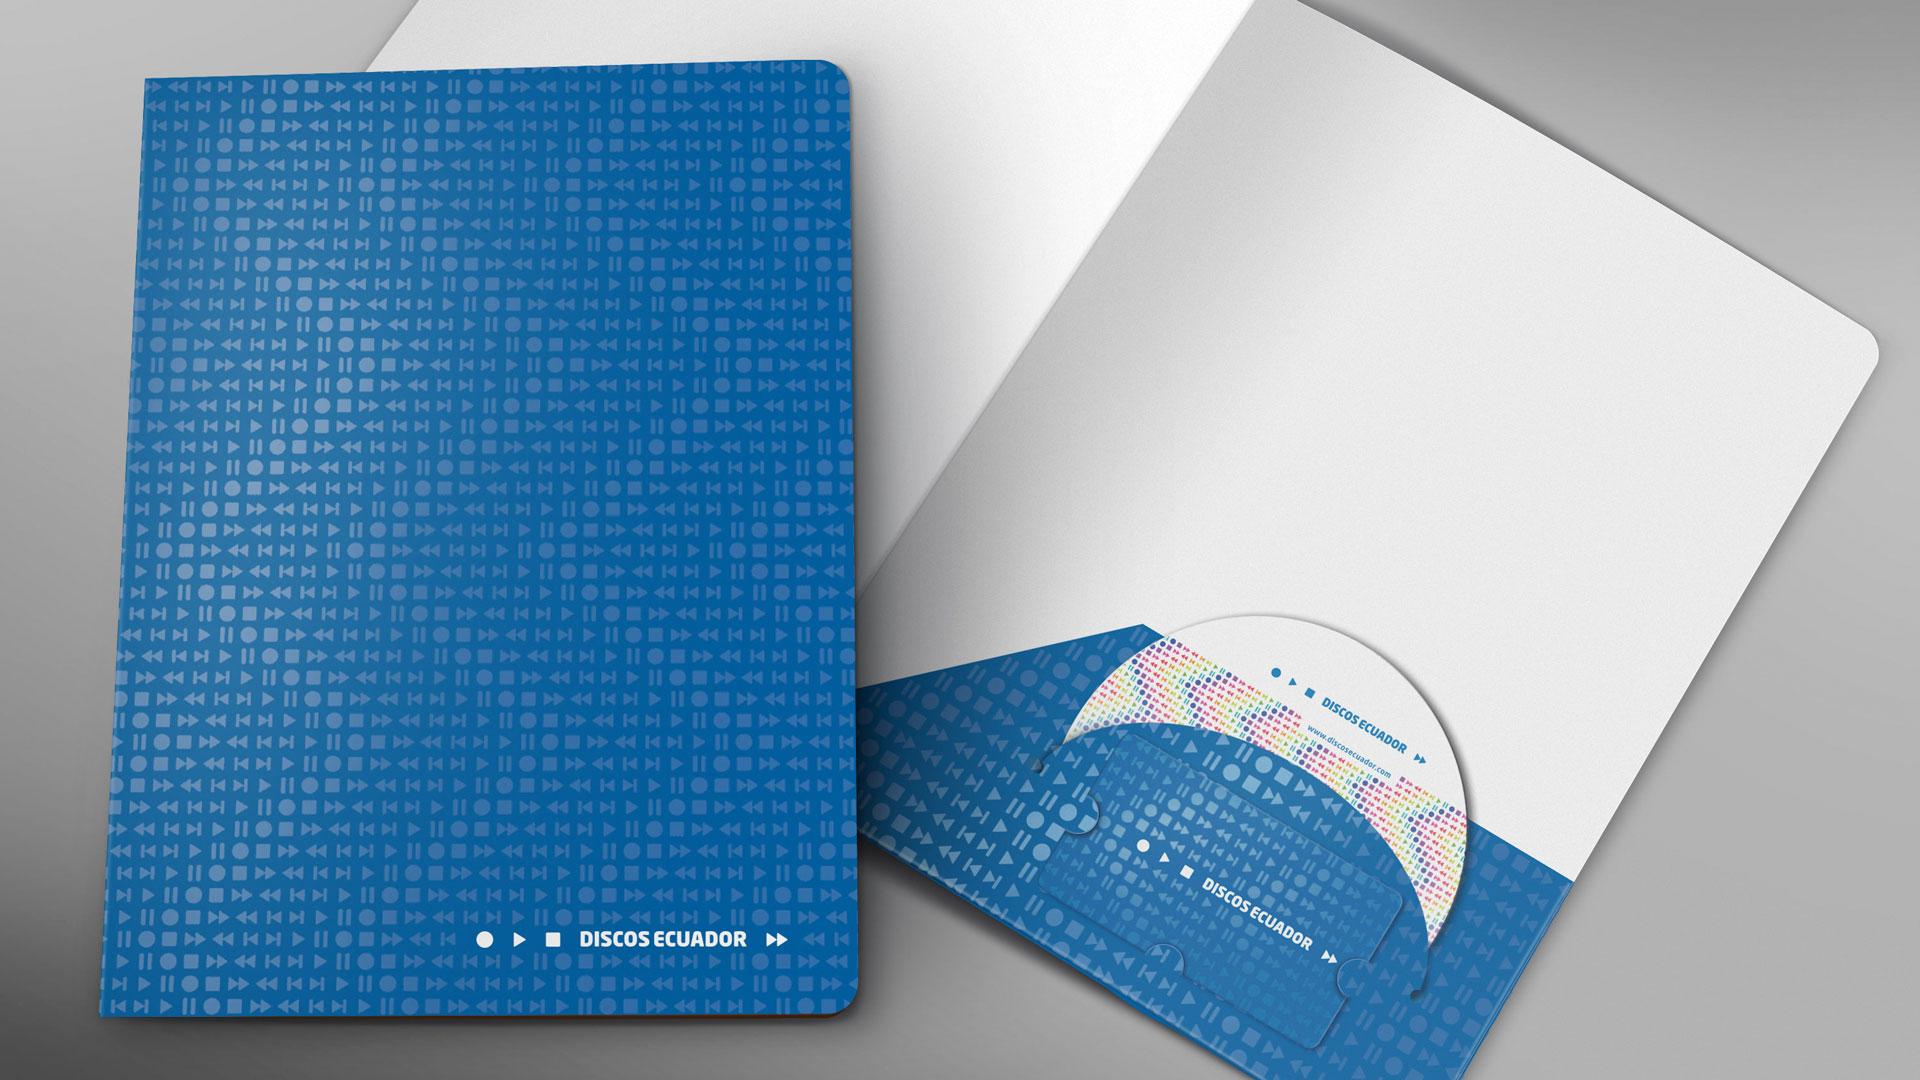 folder_discosecuador01.jpg